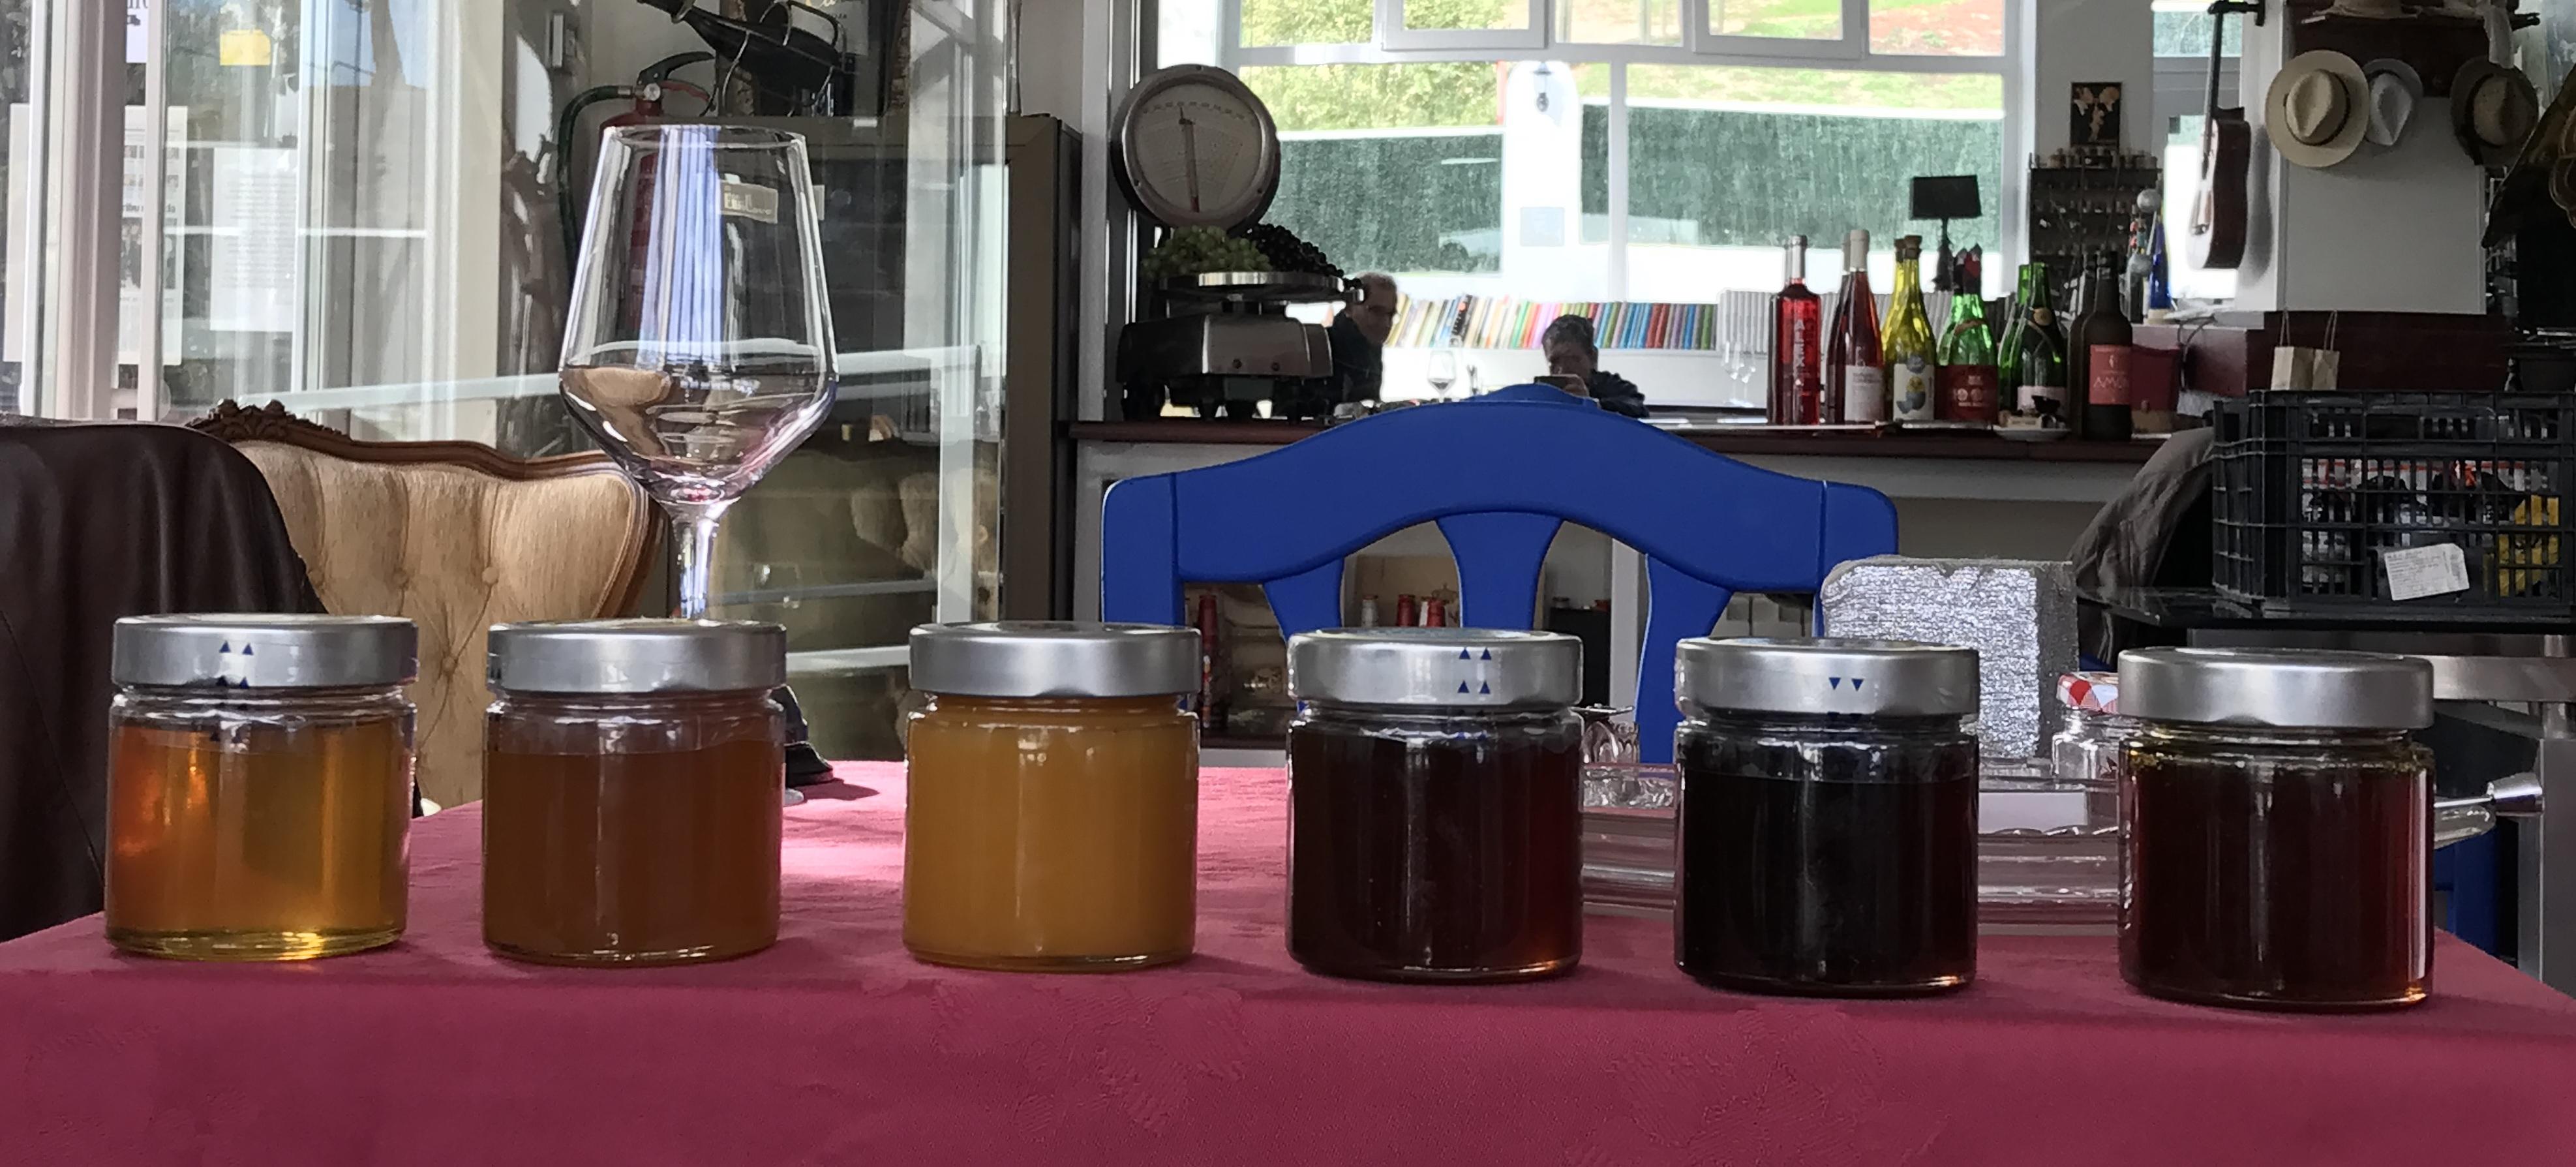 Nuestros tipos de miel Las Obreras de Aliste CB Artesanos de la Miel Aliste Gallegos del Campo Artesanos de la Miel